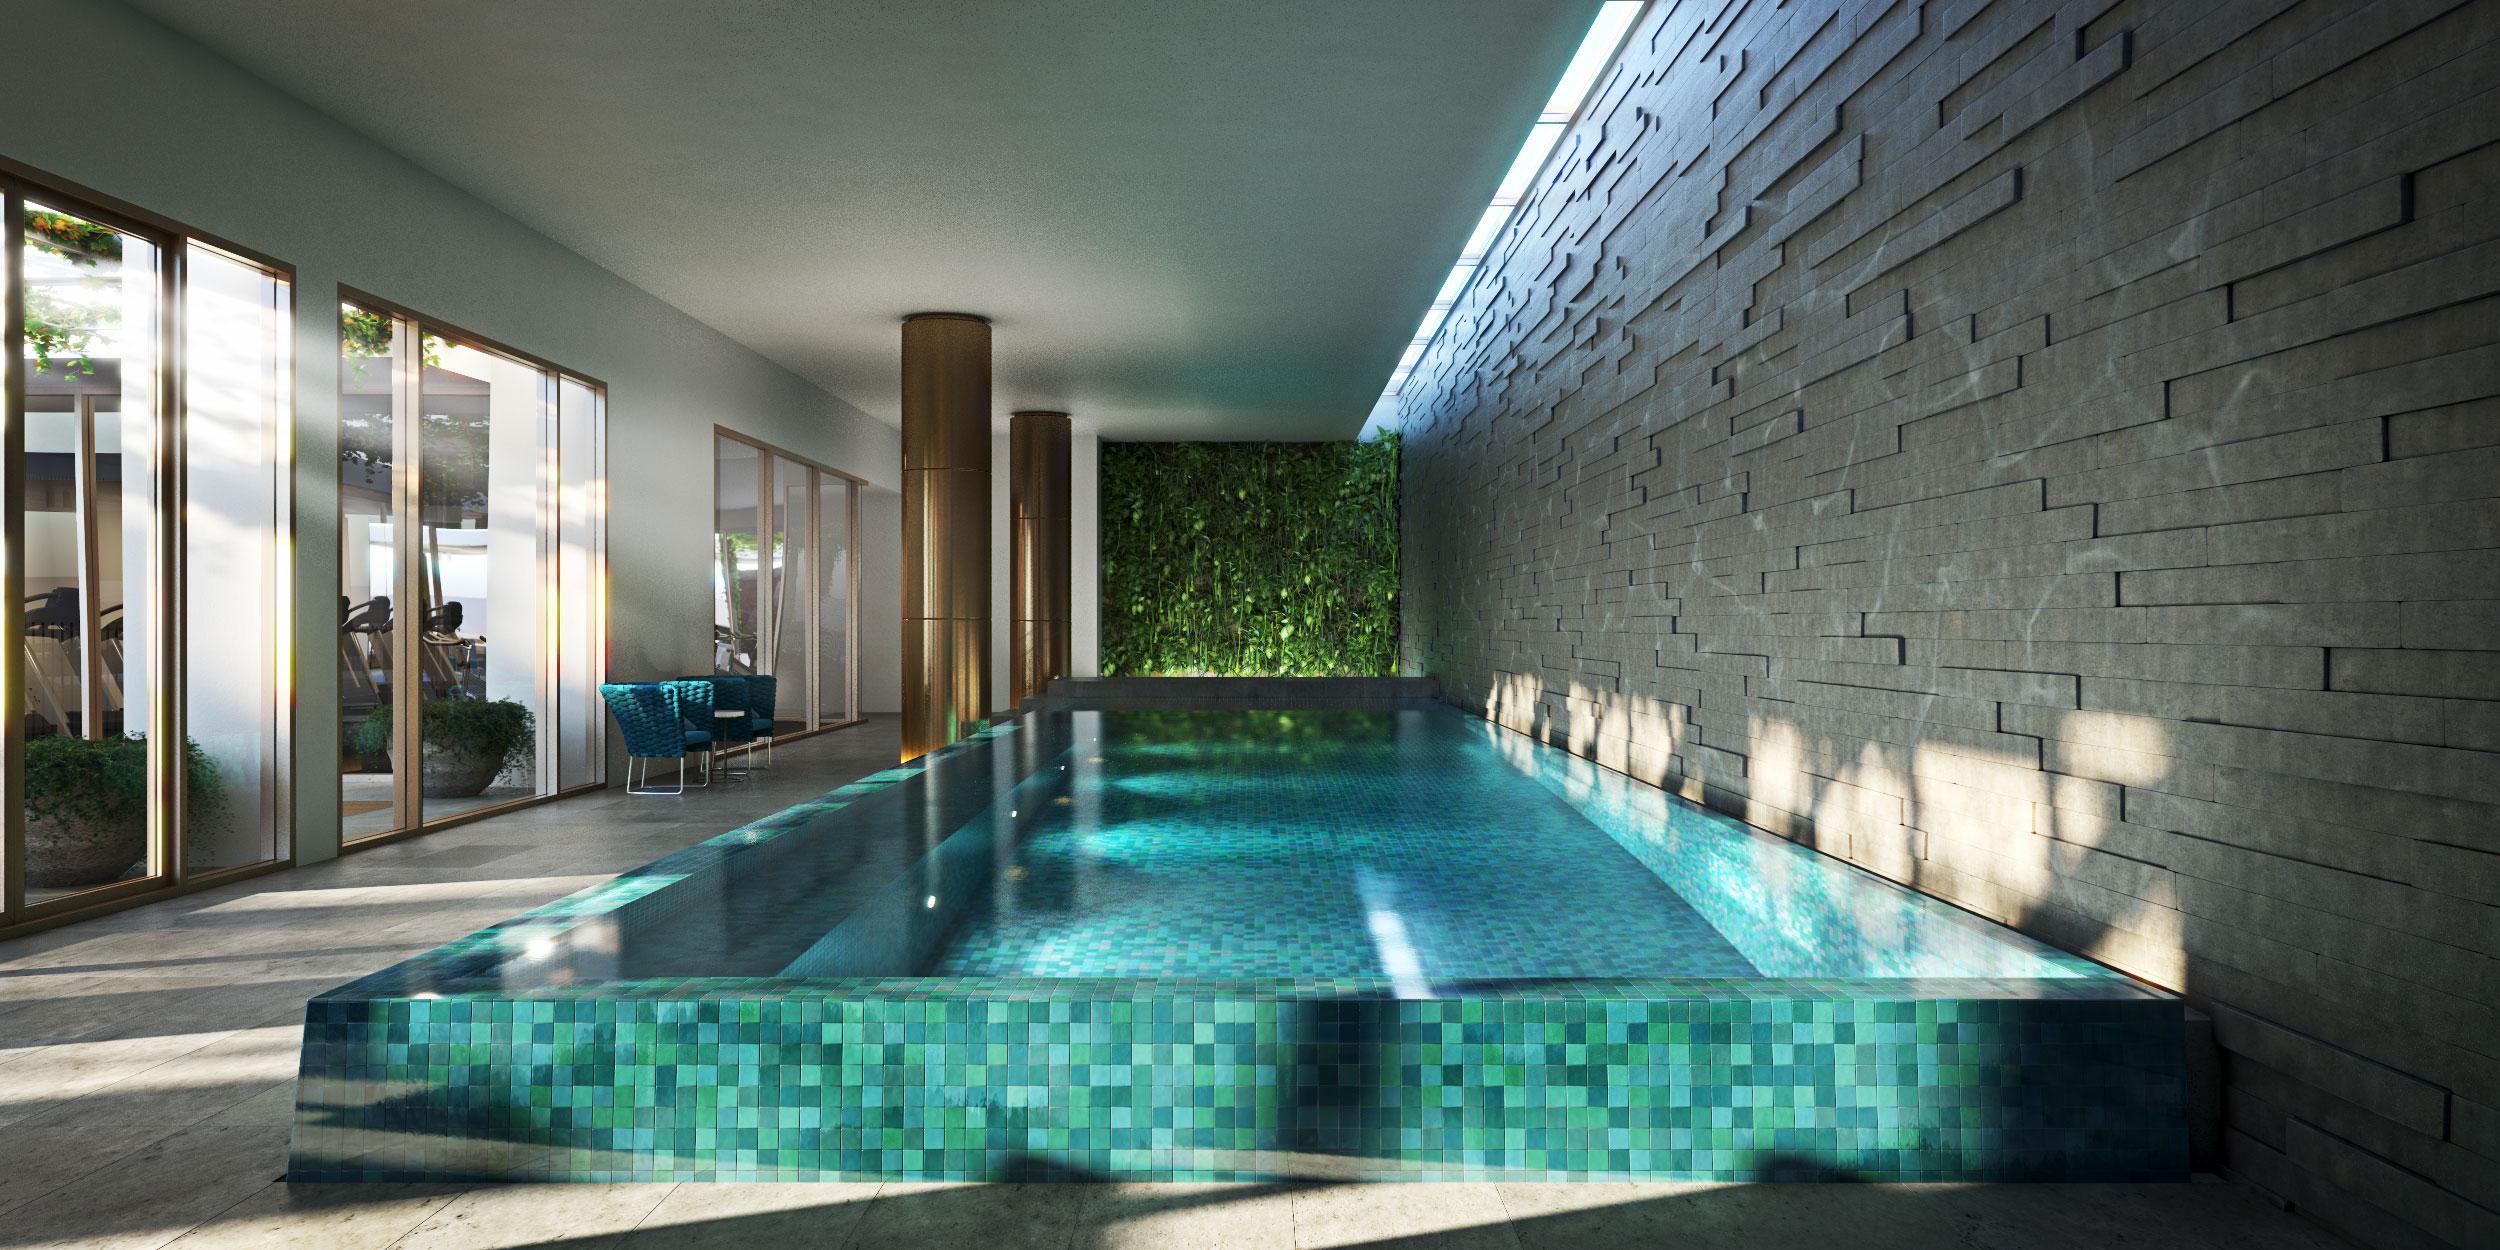 Botanic pool